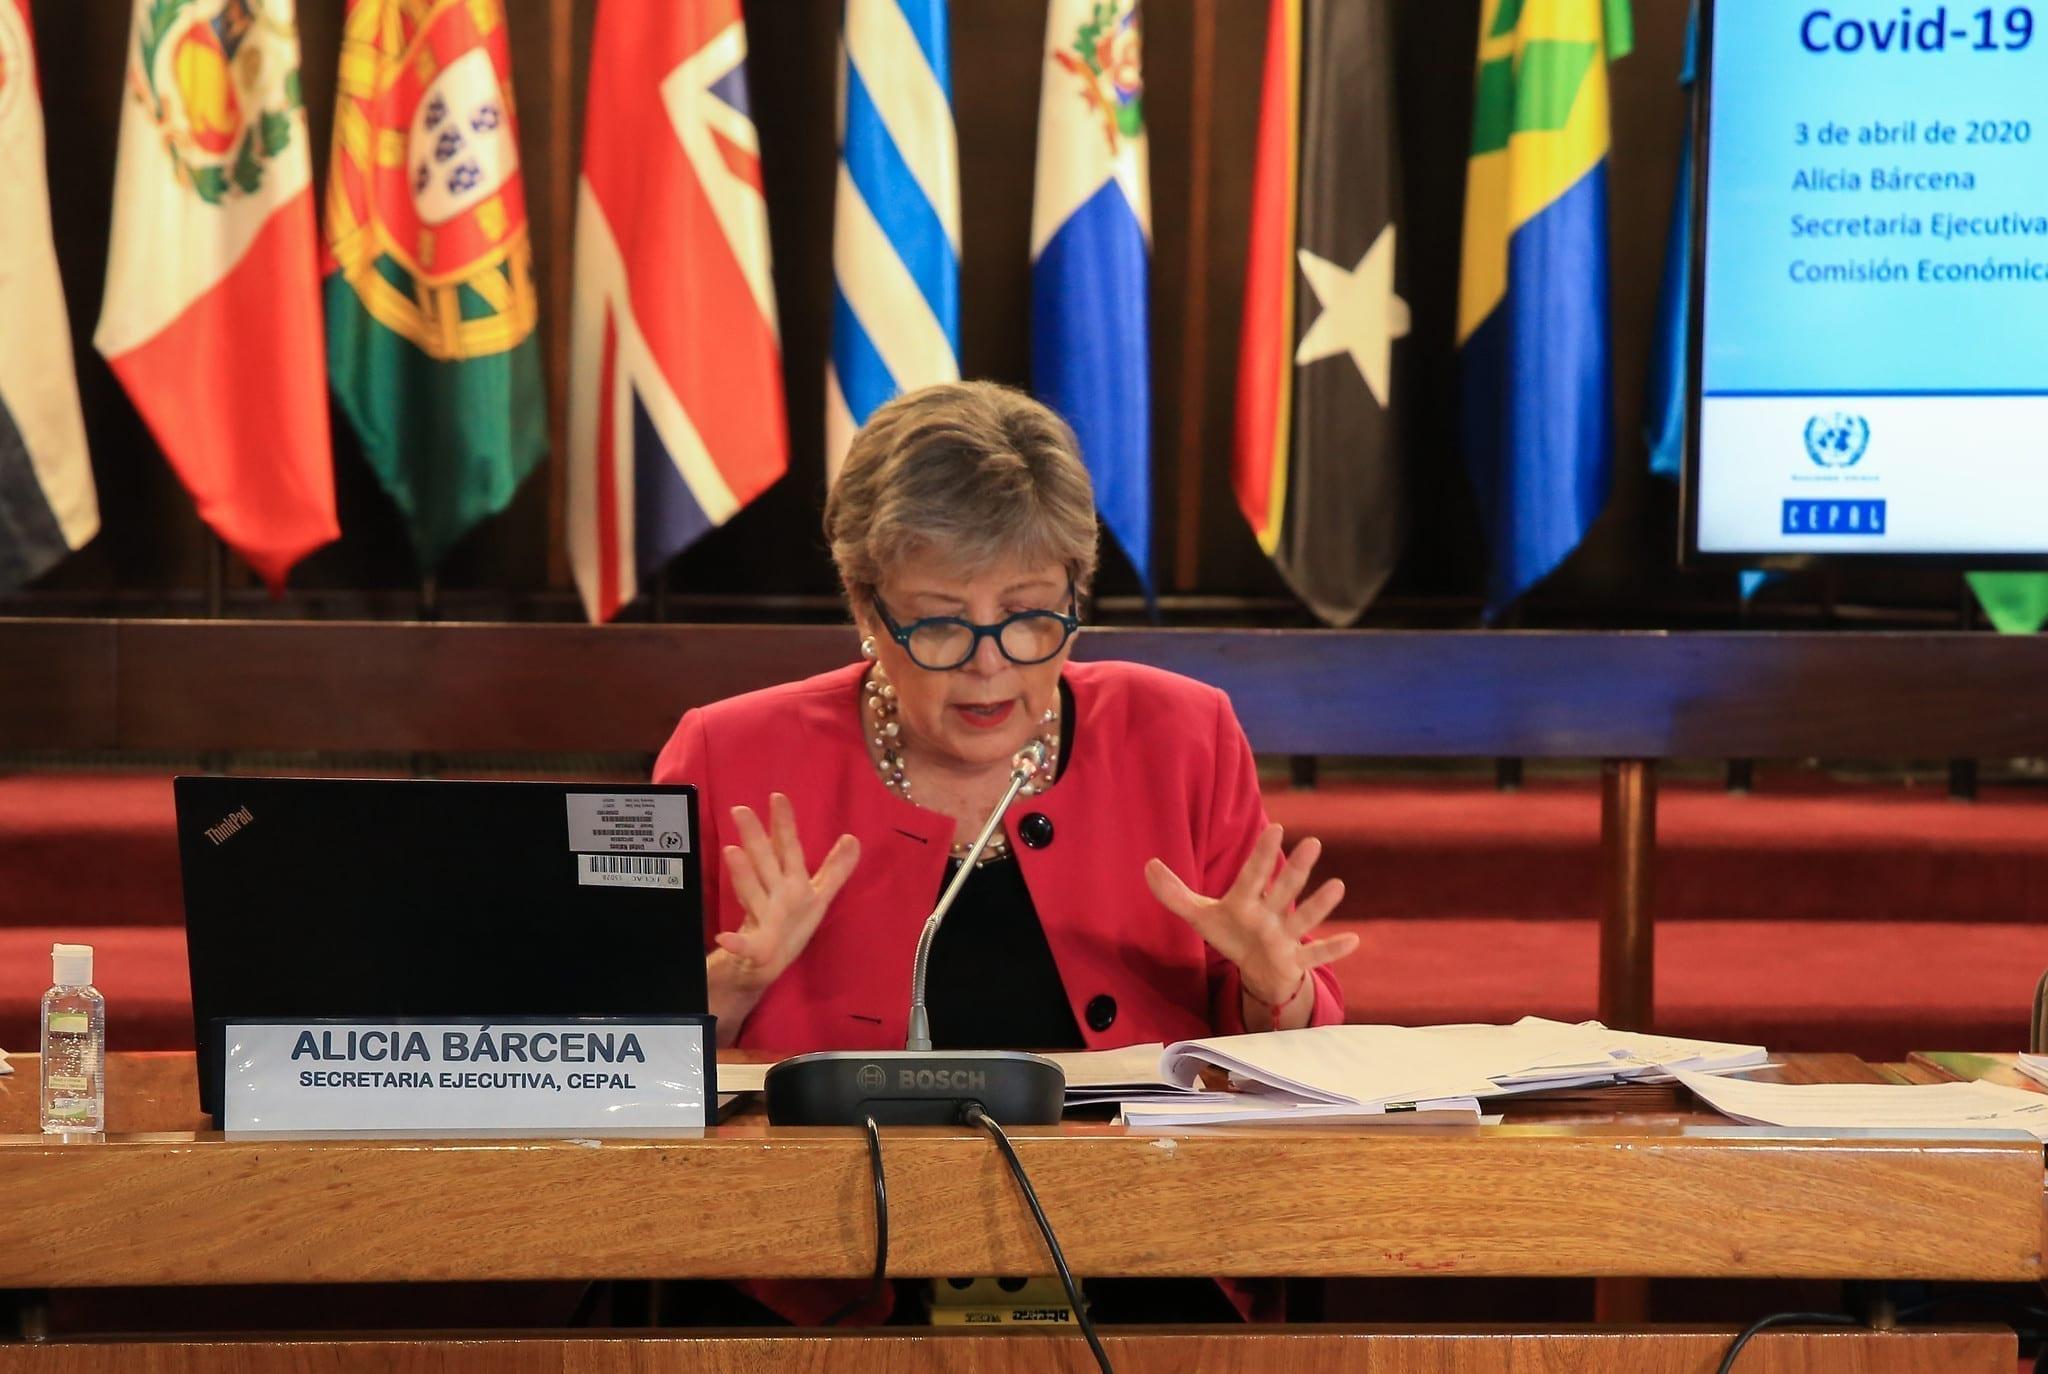 Economía dominicana se contraerá 5.3 % en 2020 por la pandemia